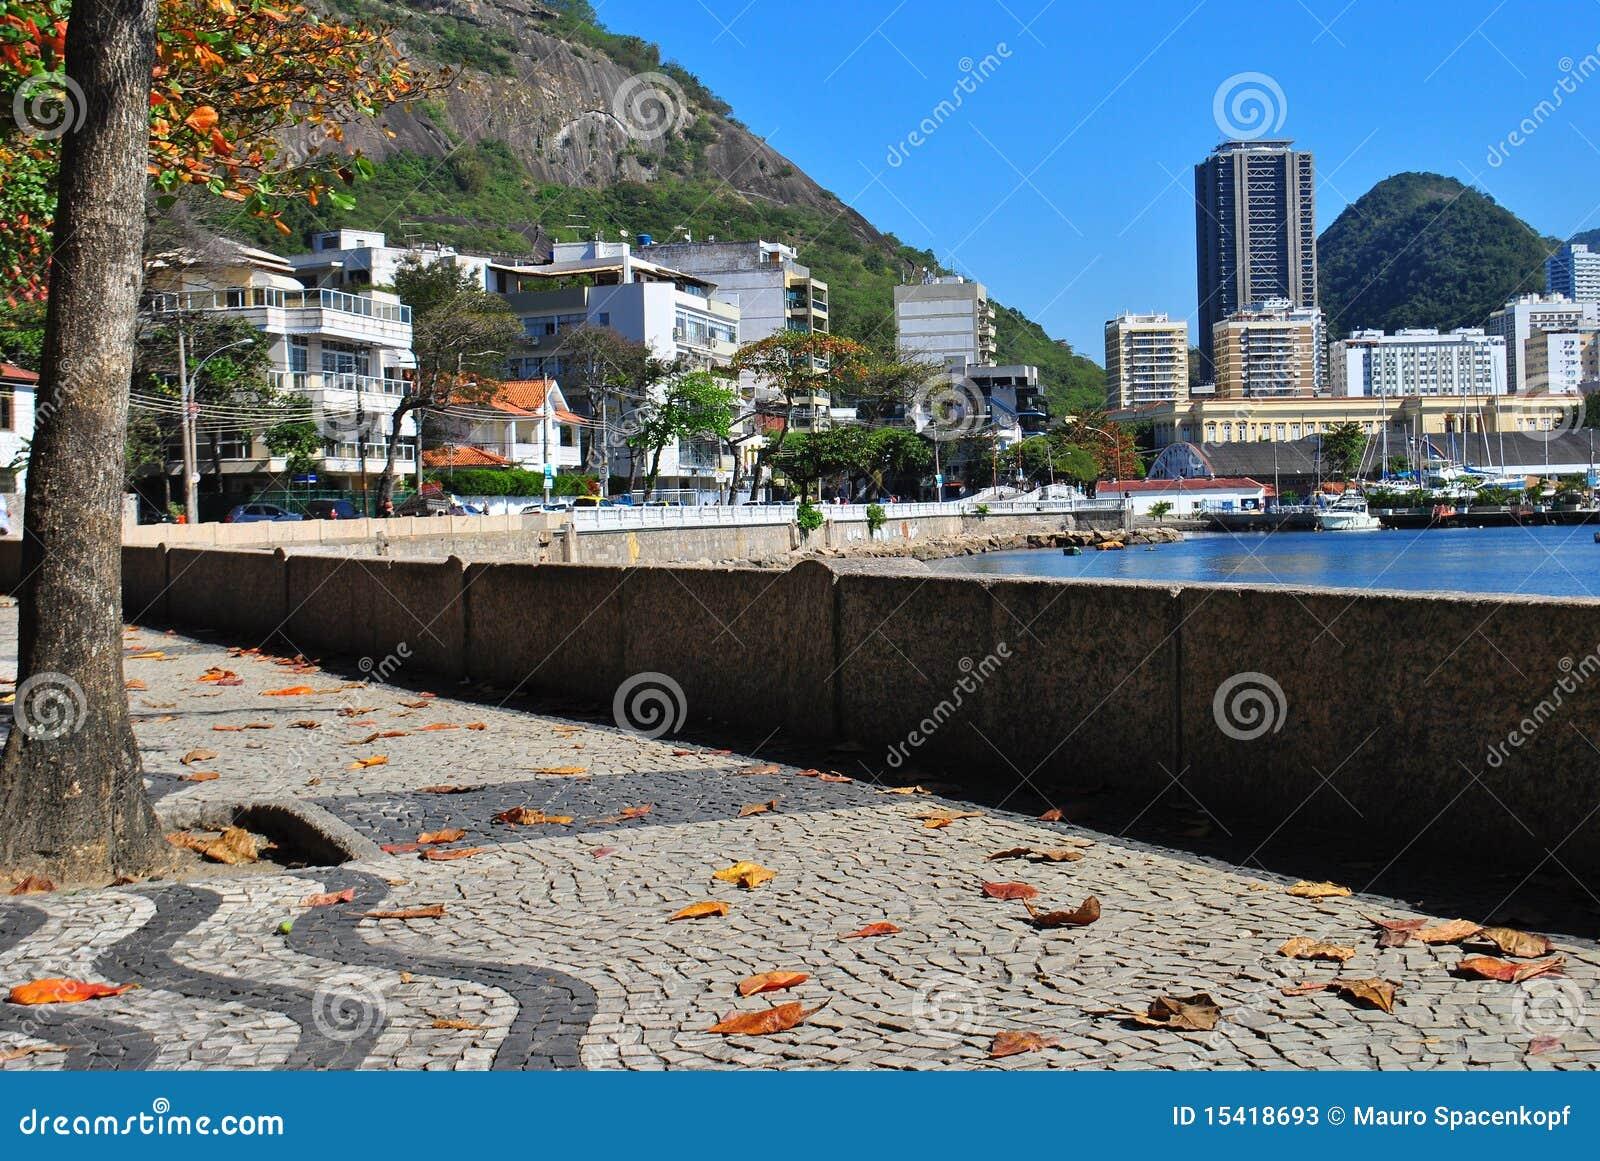 Rio de Janeiro - ciudad (27)